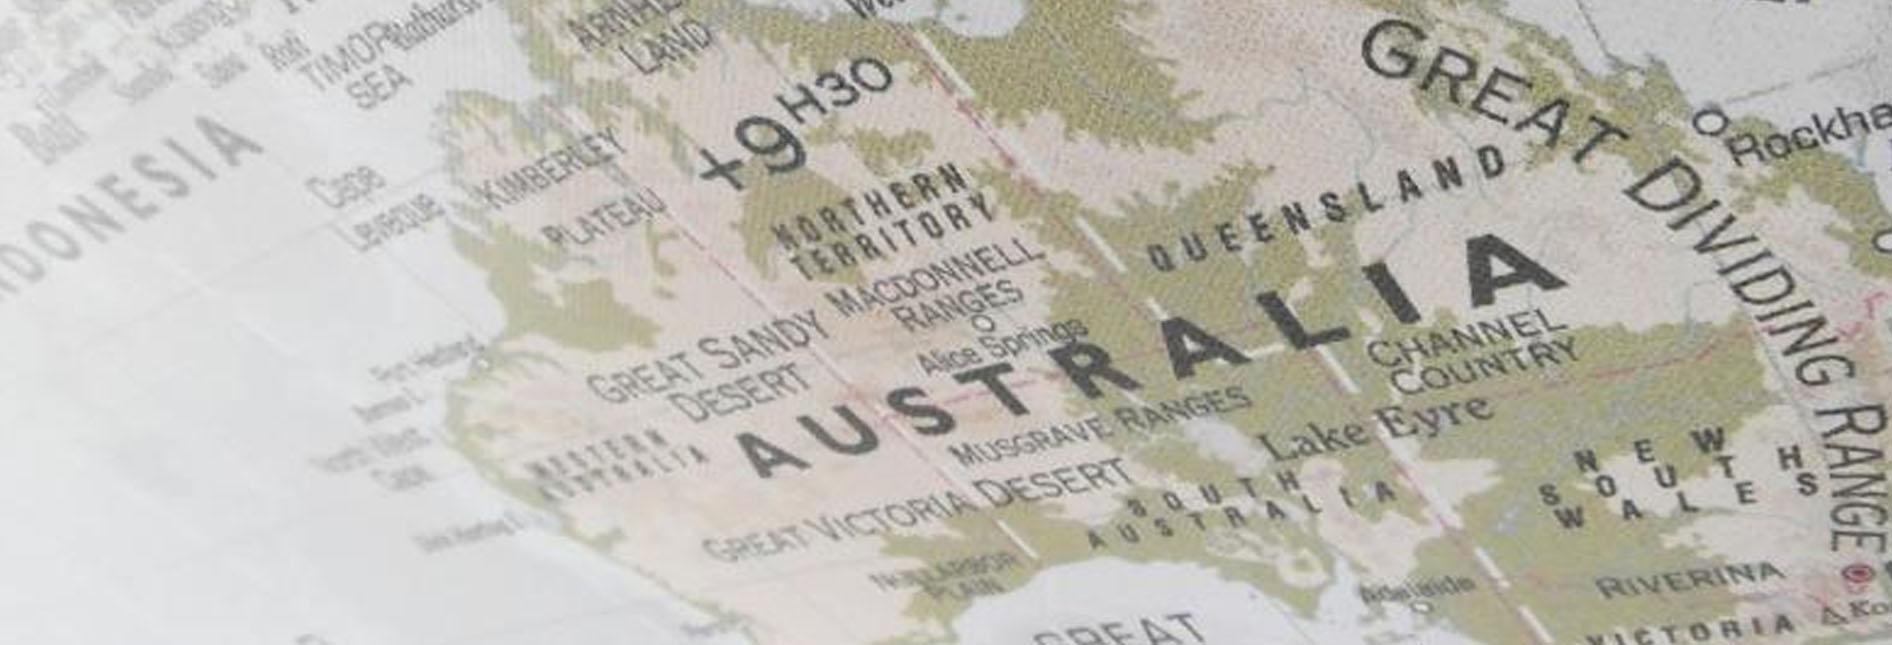 geografia da australia